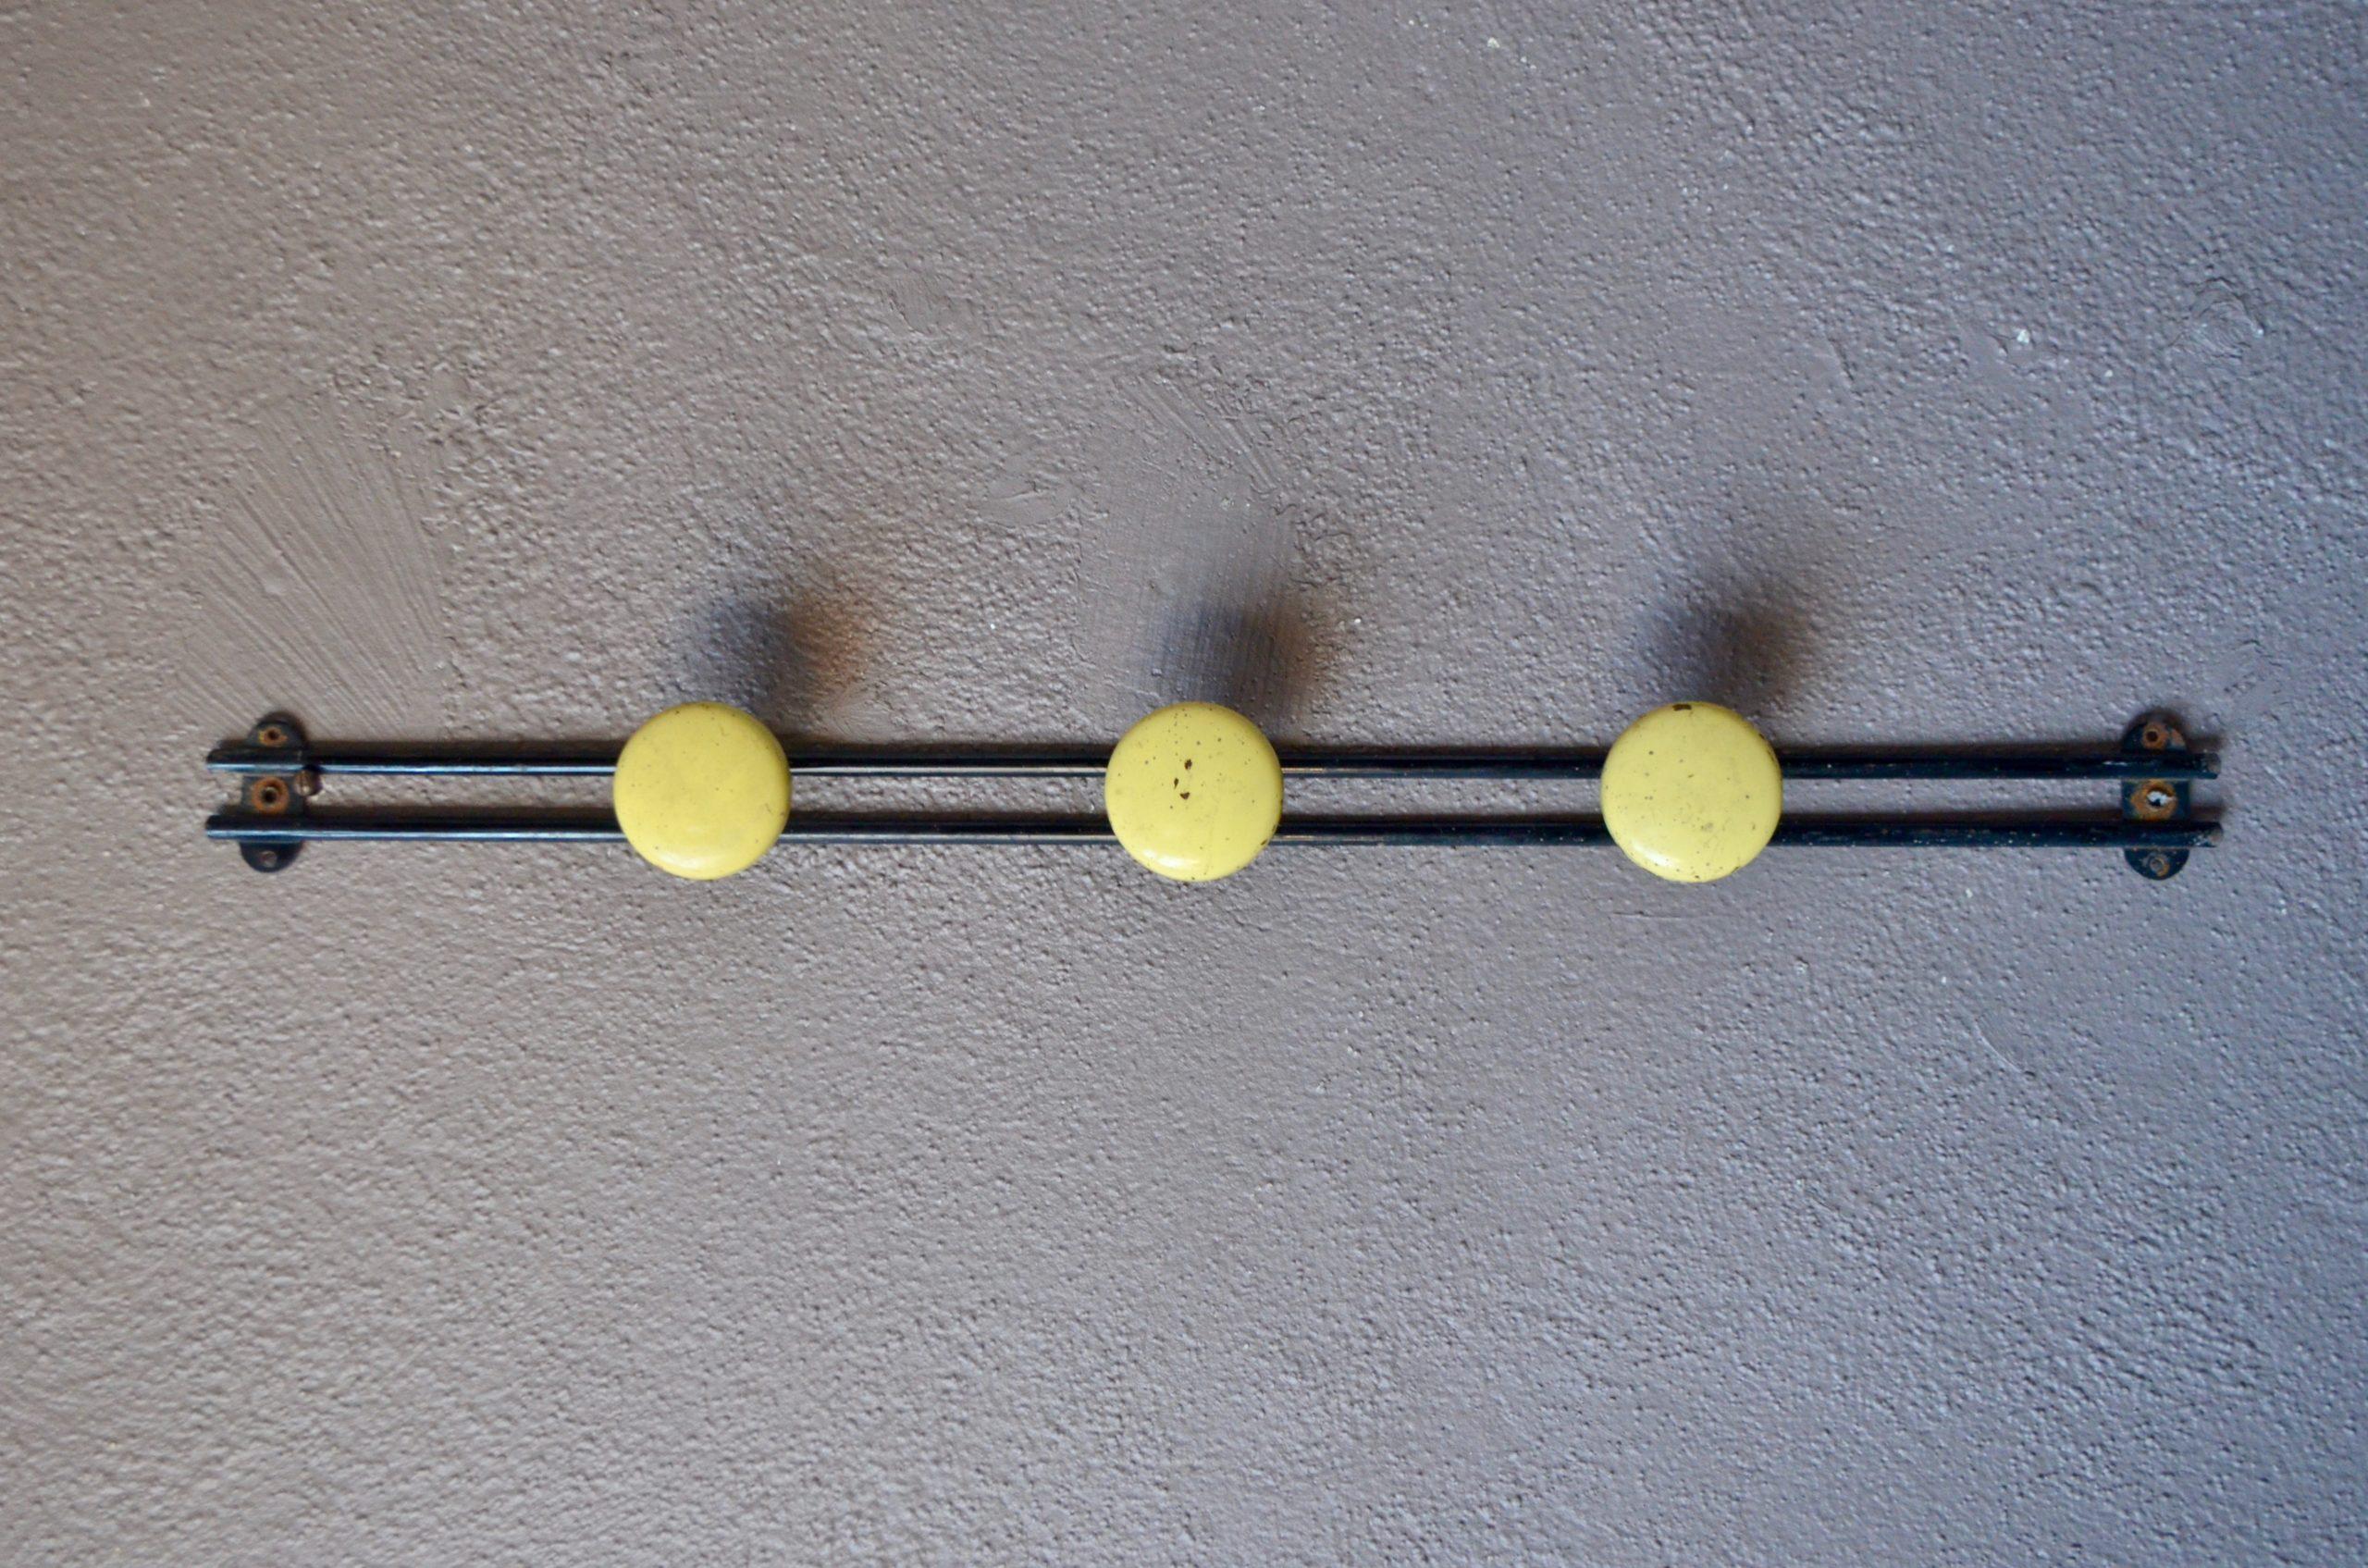 Trois patères arrondies laquée jaunes fixées sur une structure en métal noir, ce porte-manteaux mural est un bel accessoire vintage. Son design est à la fois simple et dynamique. Manteaux, doudounes et sacs attendent avec impatience d'y être suspendus !